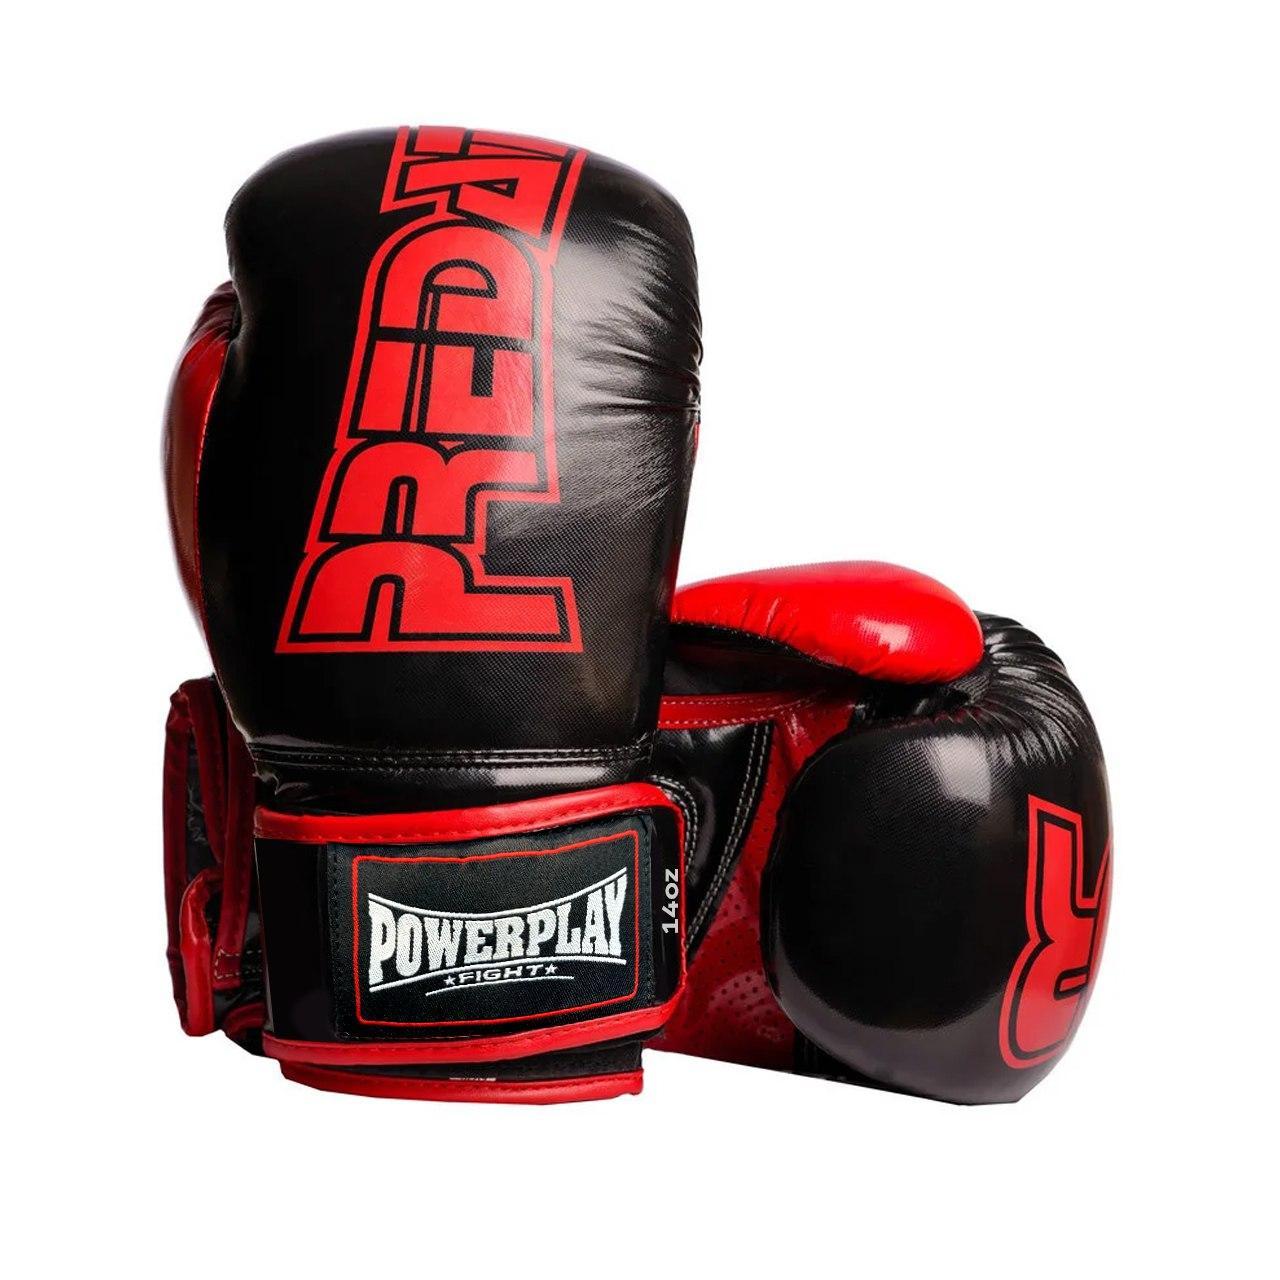 Боксерские перчатки PowerPlay 3017 черные карбон 16 унций